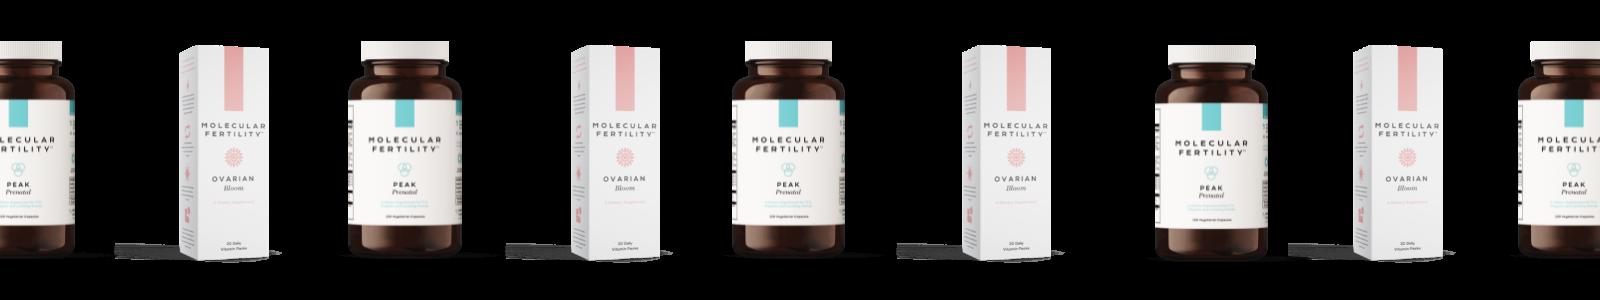 Vitamin D for Female Fertility Supplement